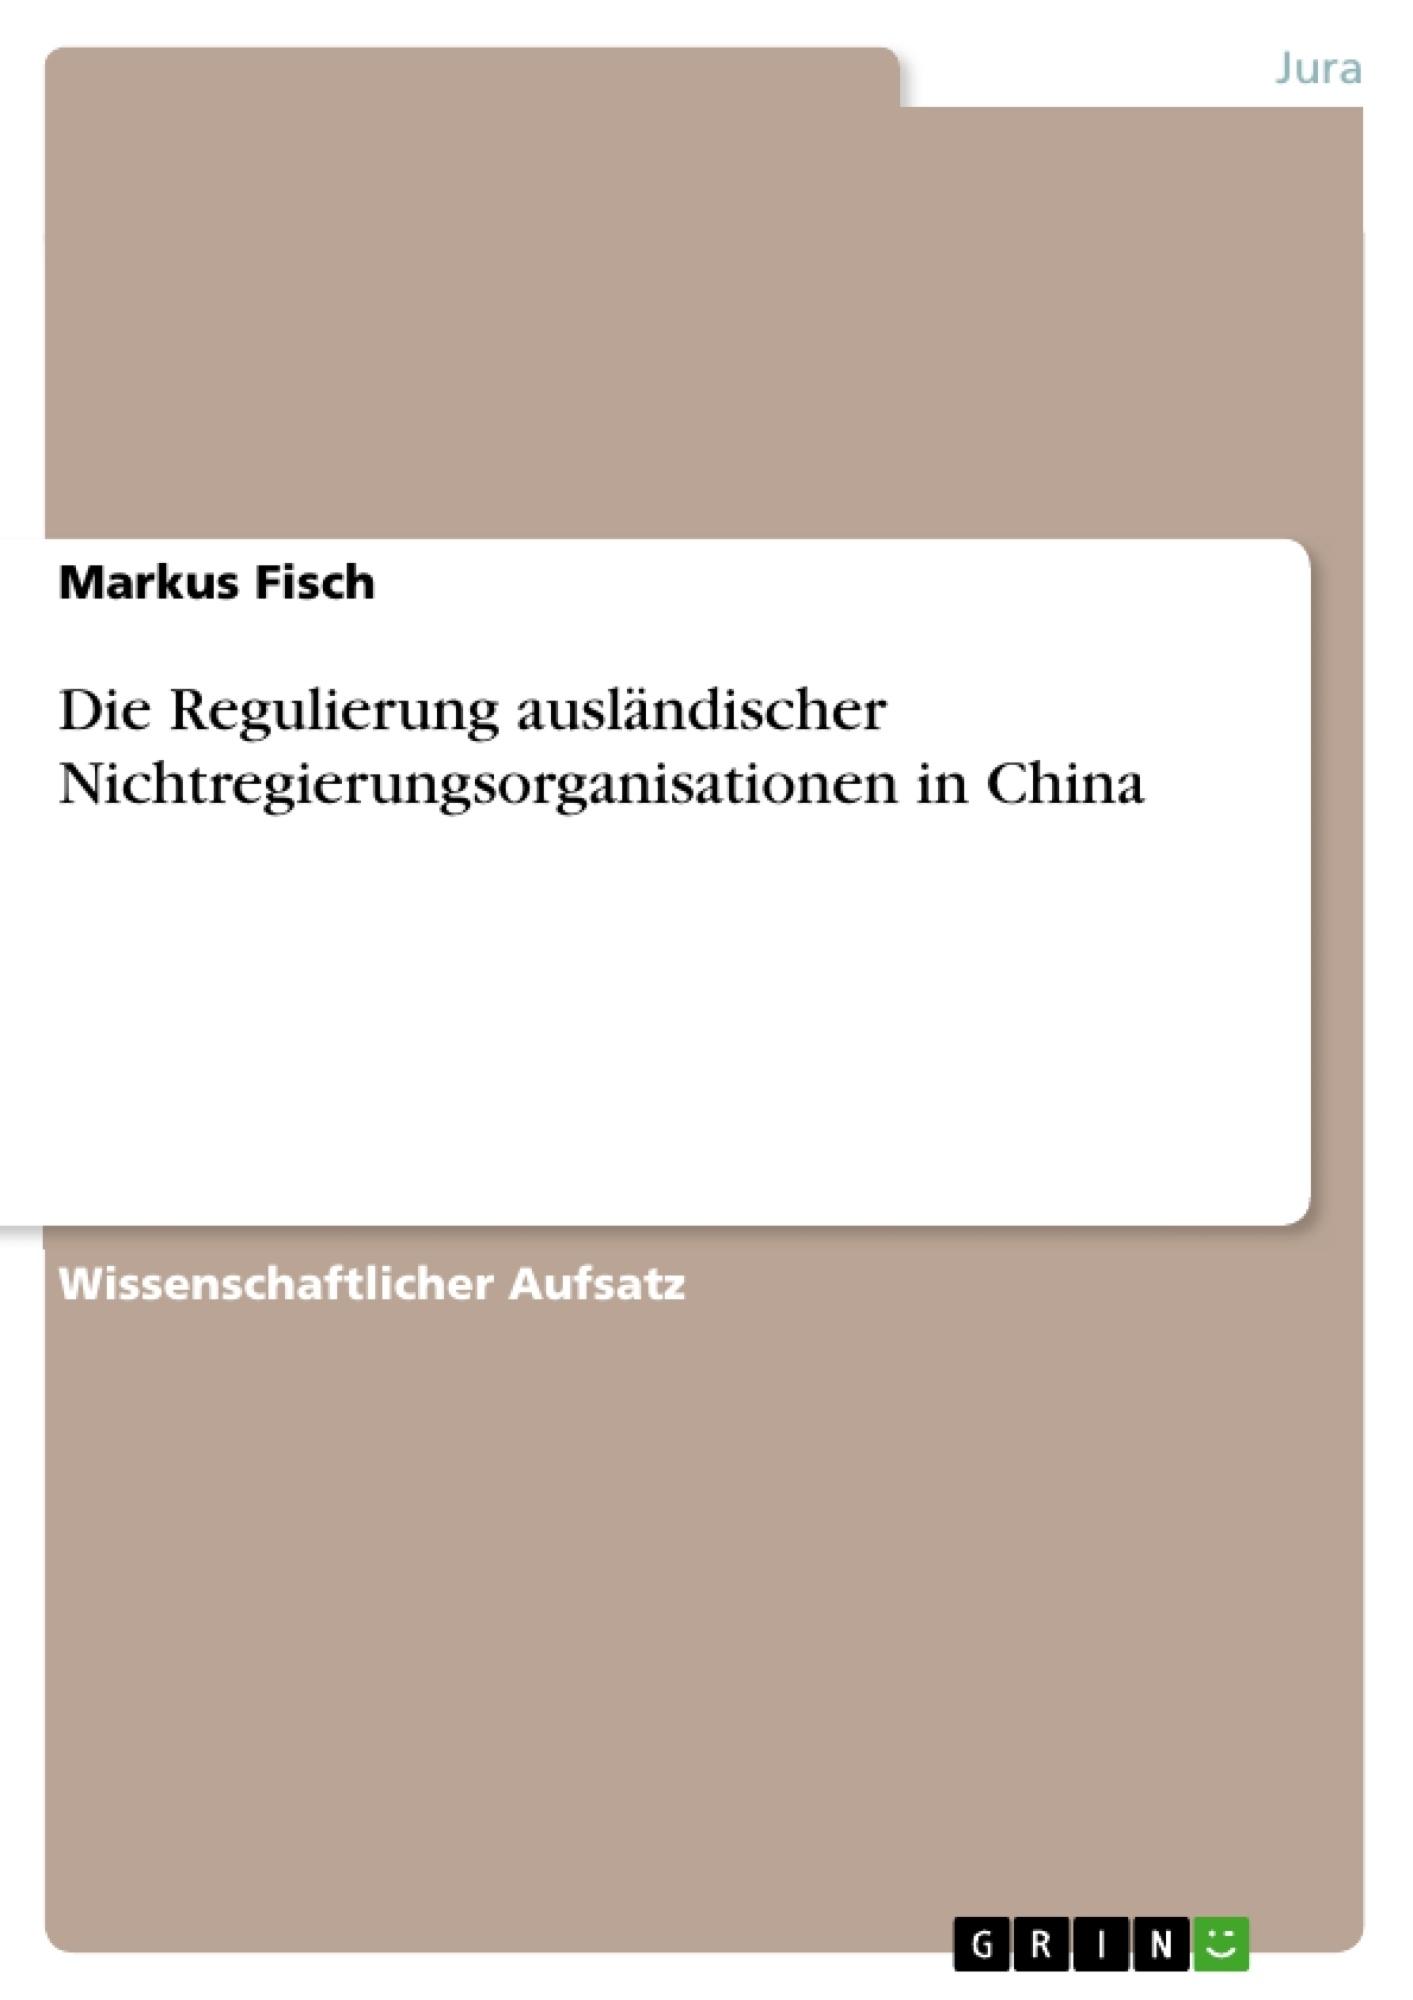 Titel: Die Regulierung ausländischer Nichtregierungsorganisationen in China